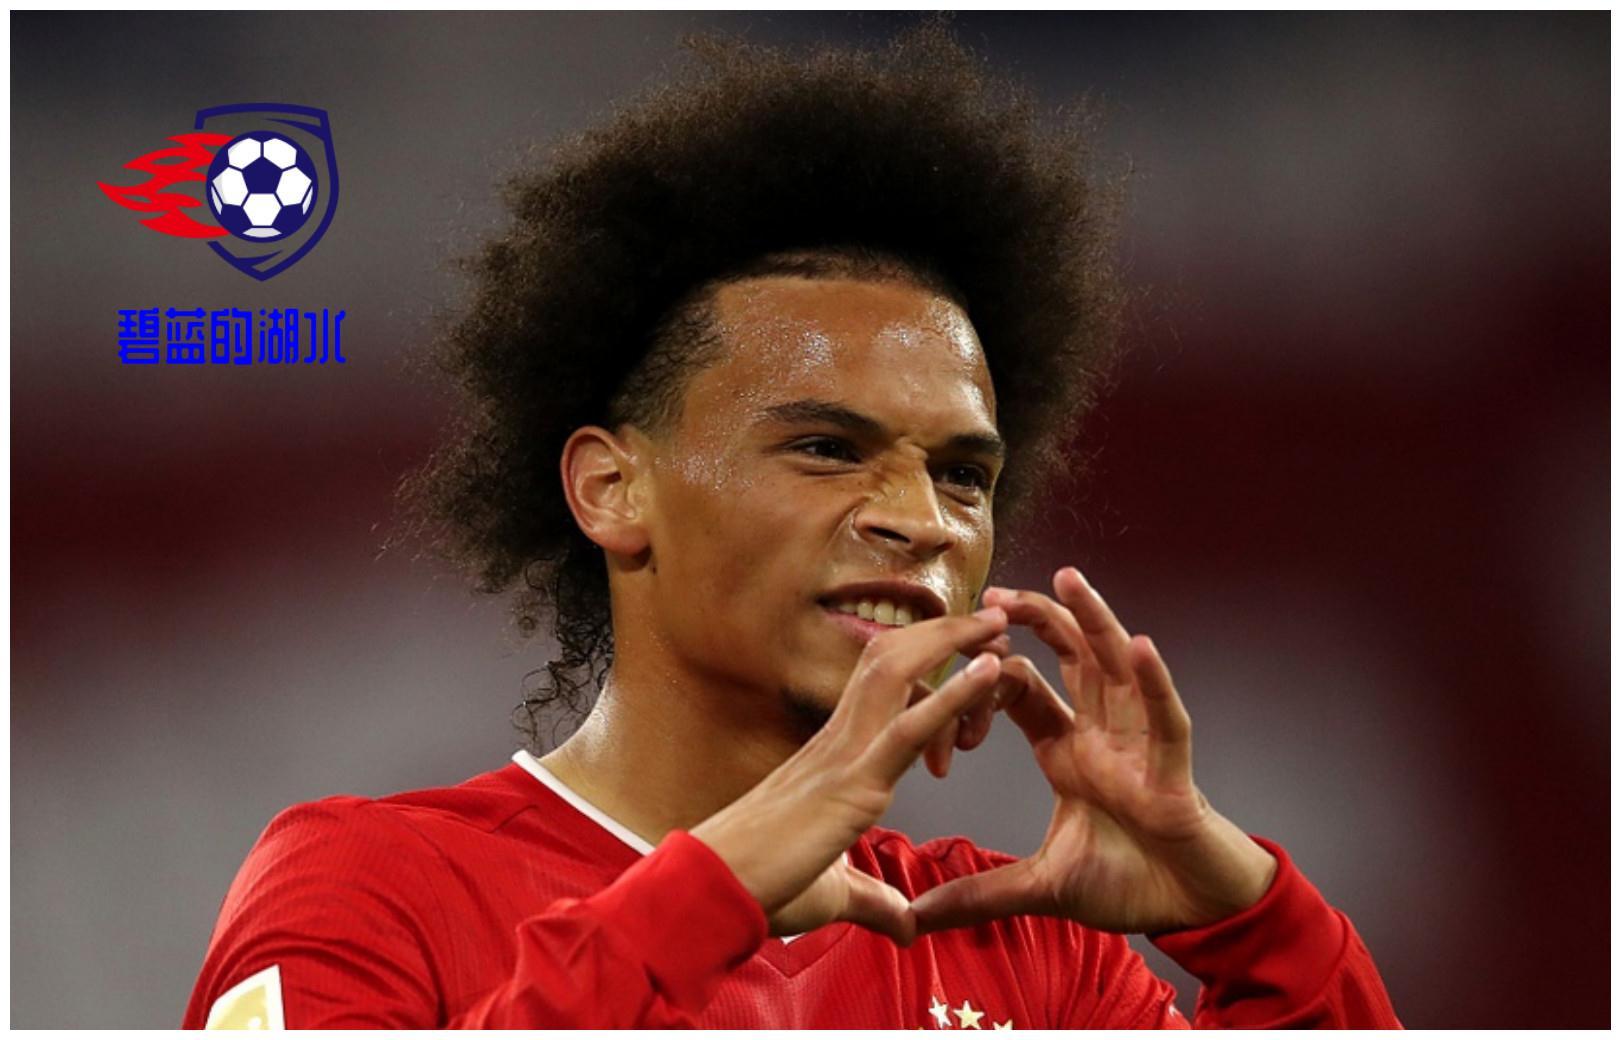 拜仁慕尼黑大胜沙尔克04,萨内传射建功,如今的拜仁还有缺点吗?